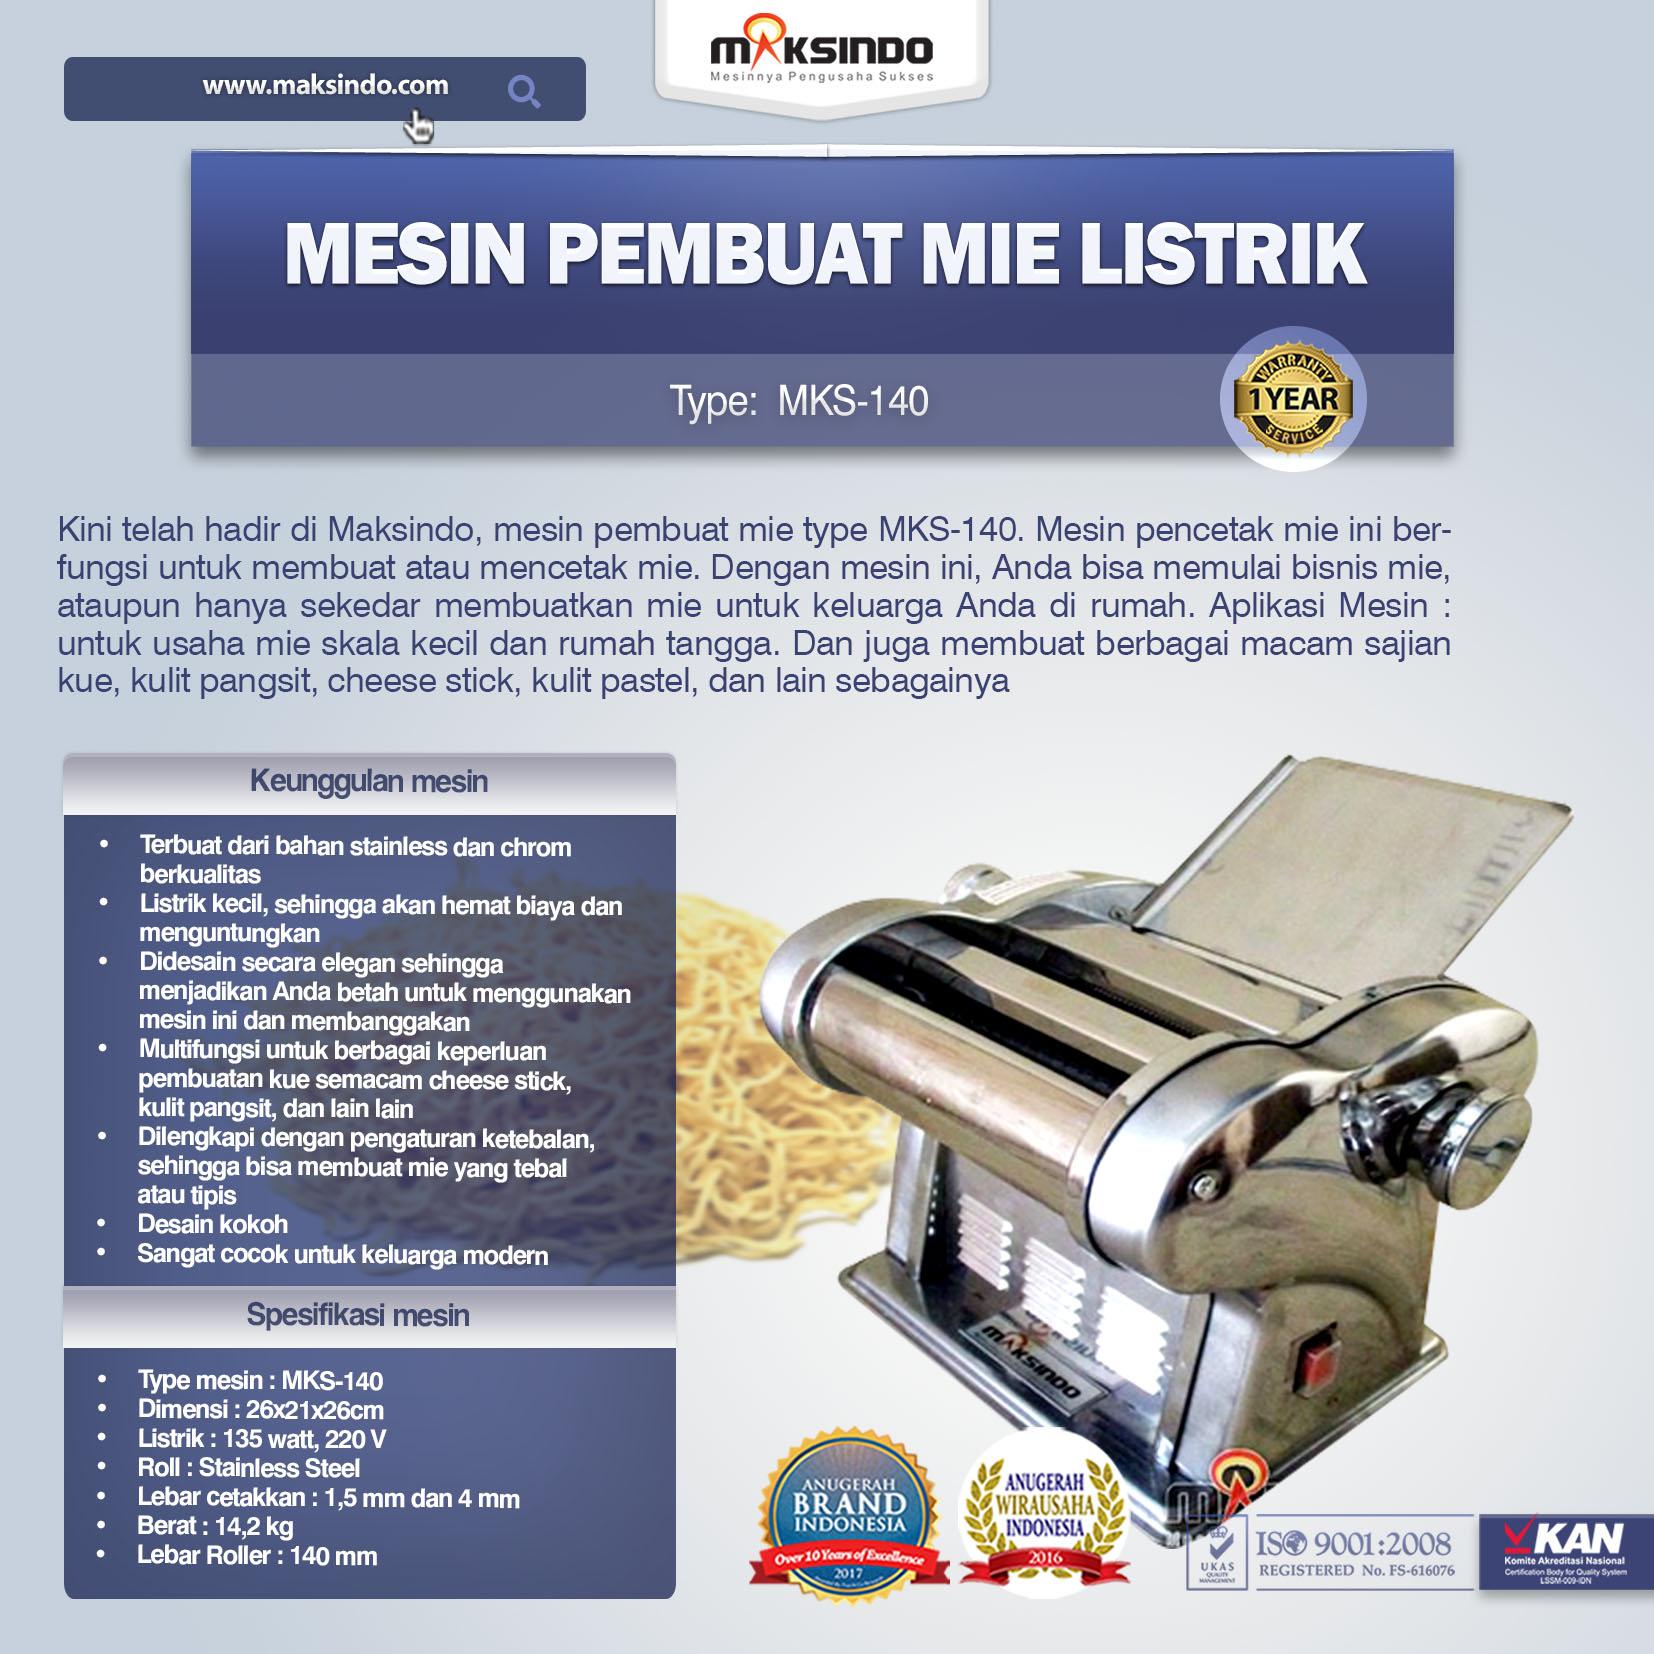 Mesin Pembuat Mie Listrik MKS-140